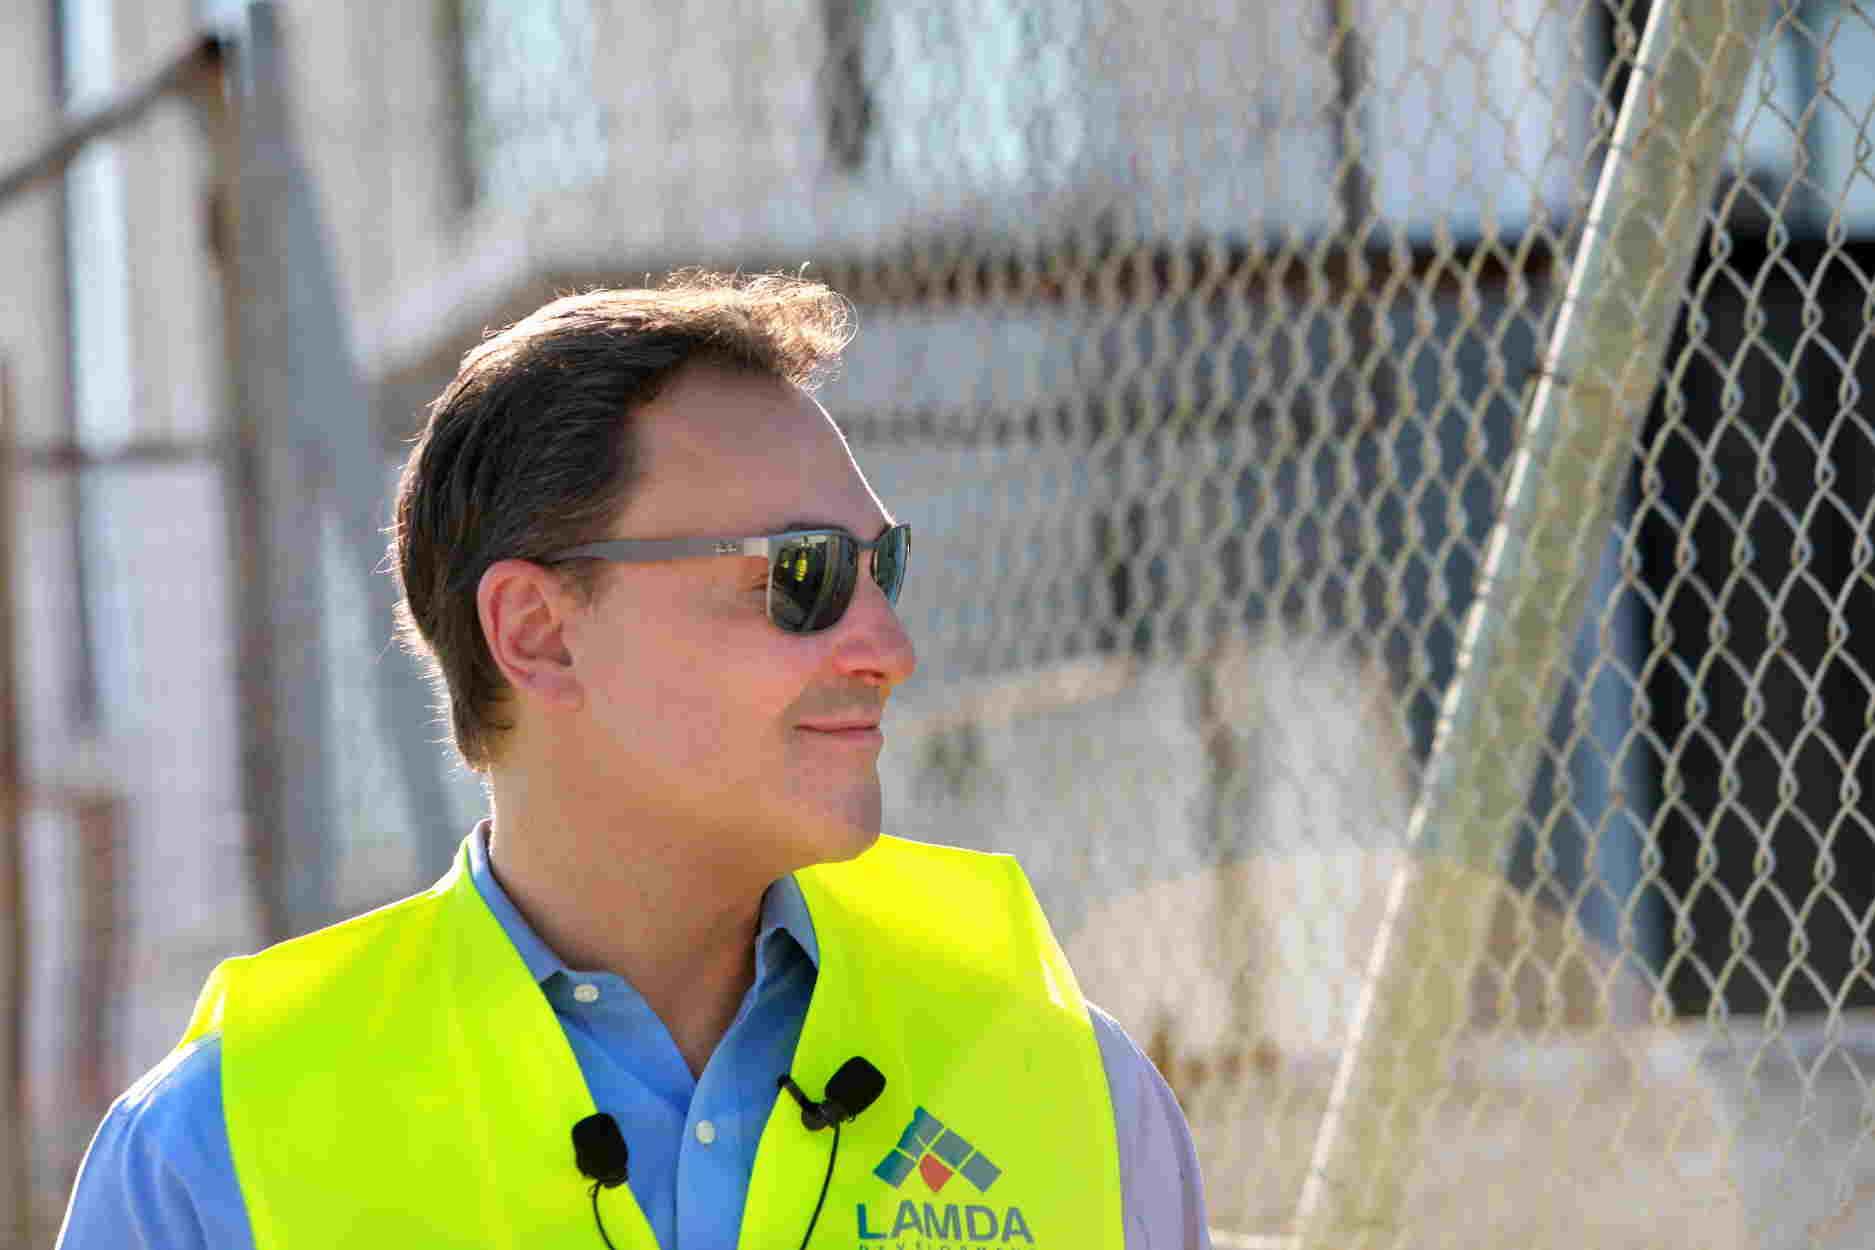 Η Lamda Development δίνει νέα πνοή στο Ολυμπιακό Κέντρο Υγρού Στίβου